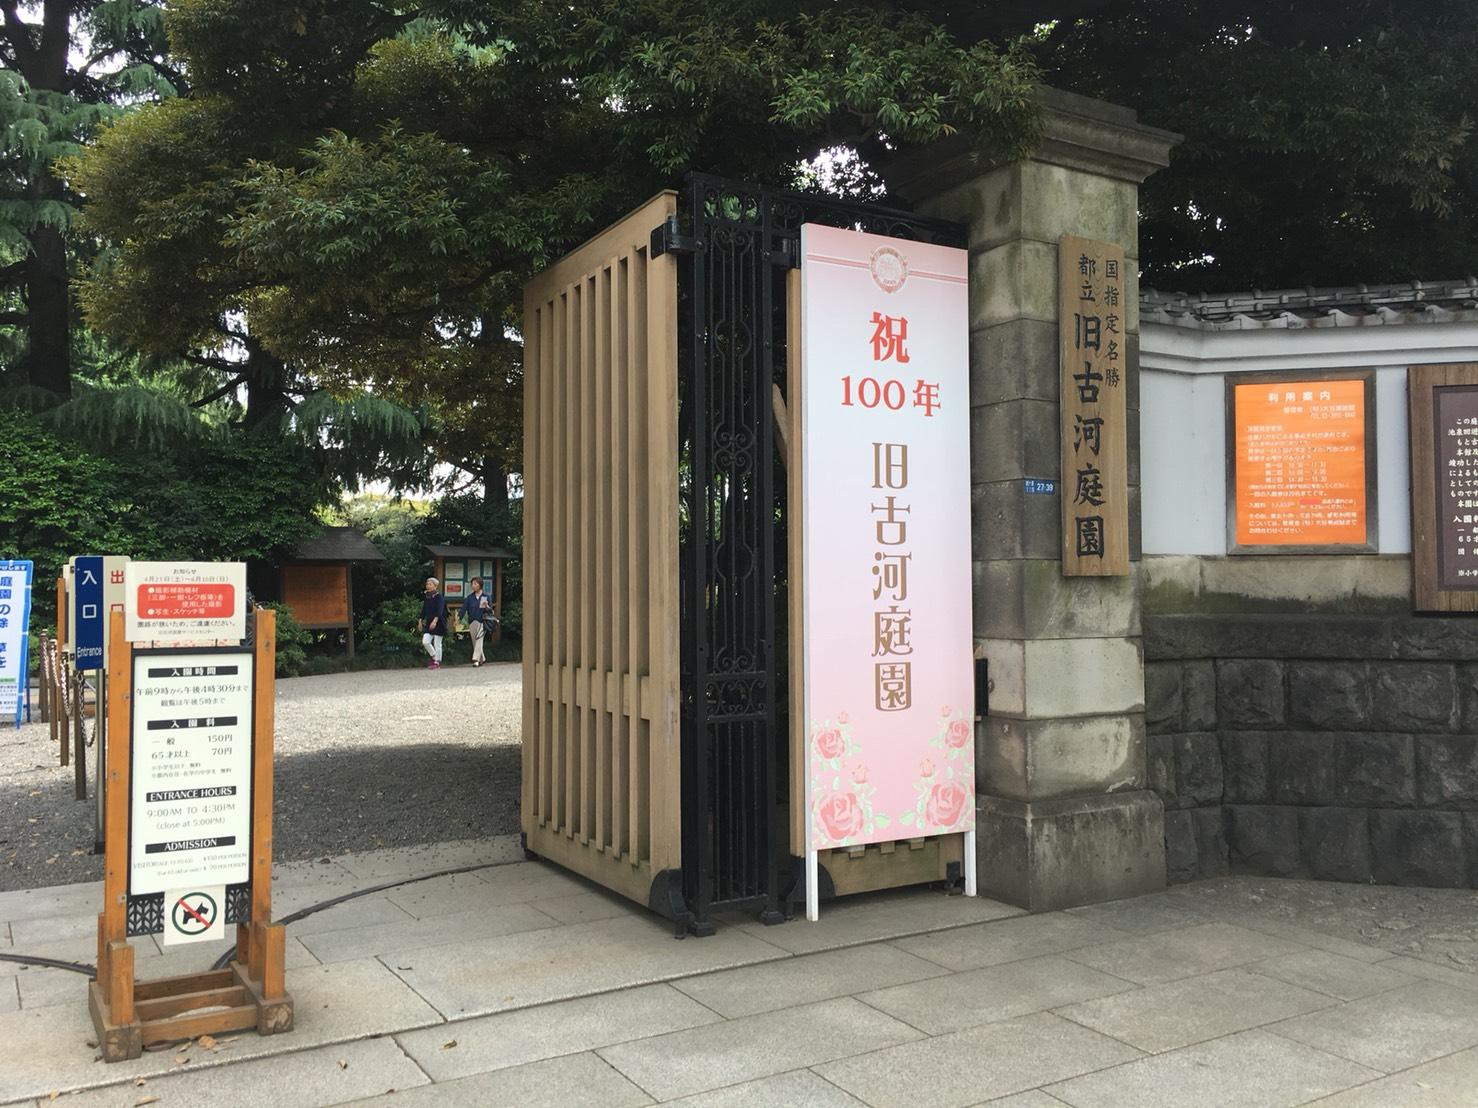 【上中里駅】バラが咲き誇る日英が混ざる庭園。クラシックな景色が新鮮な「旧古河庭園」の入口